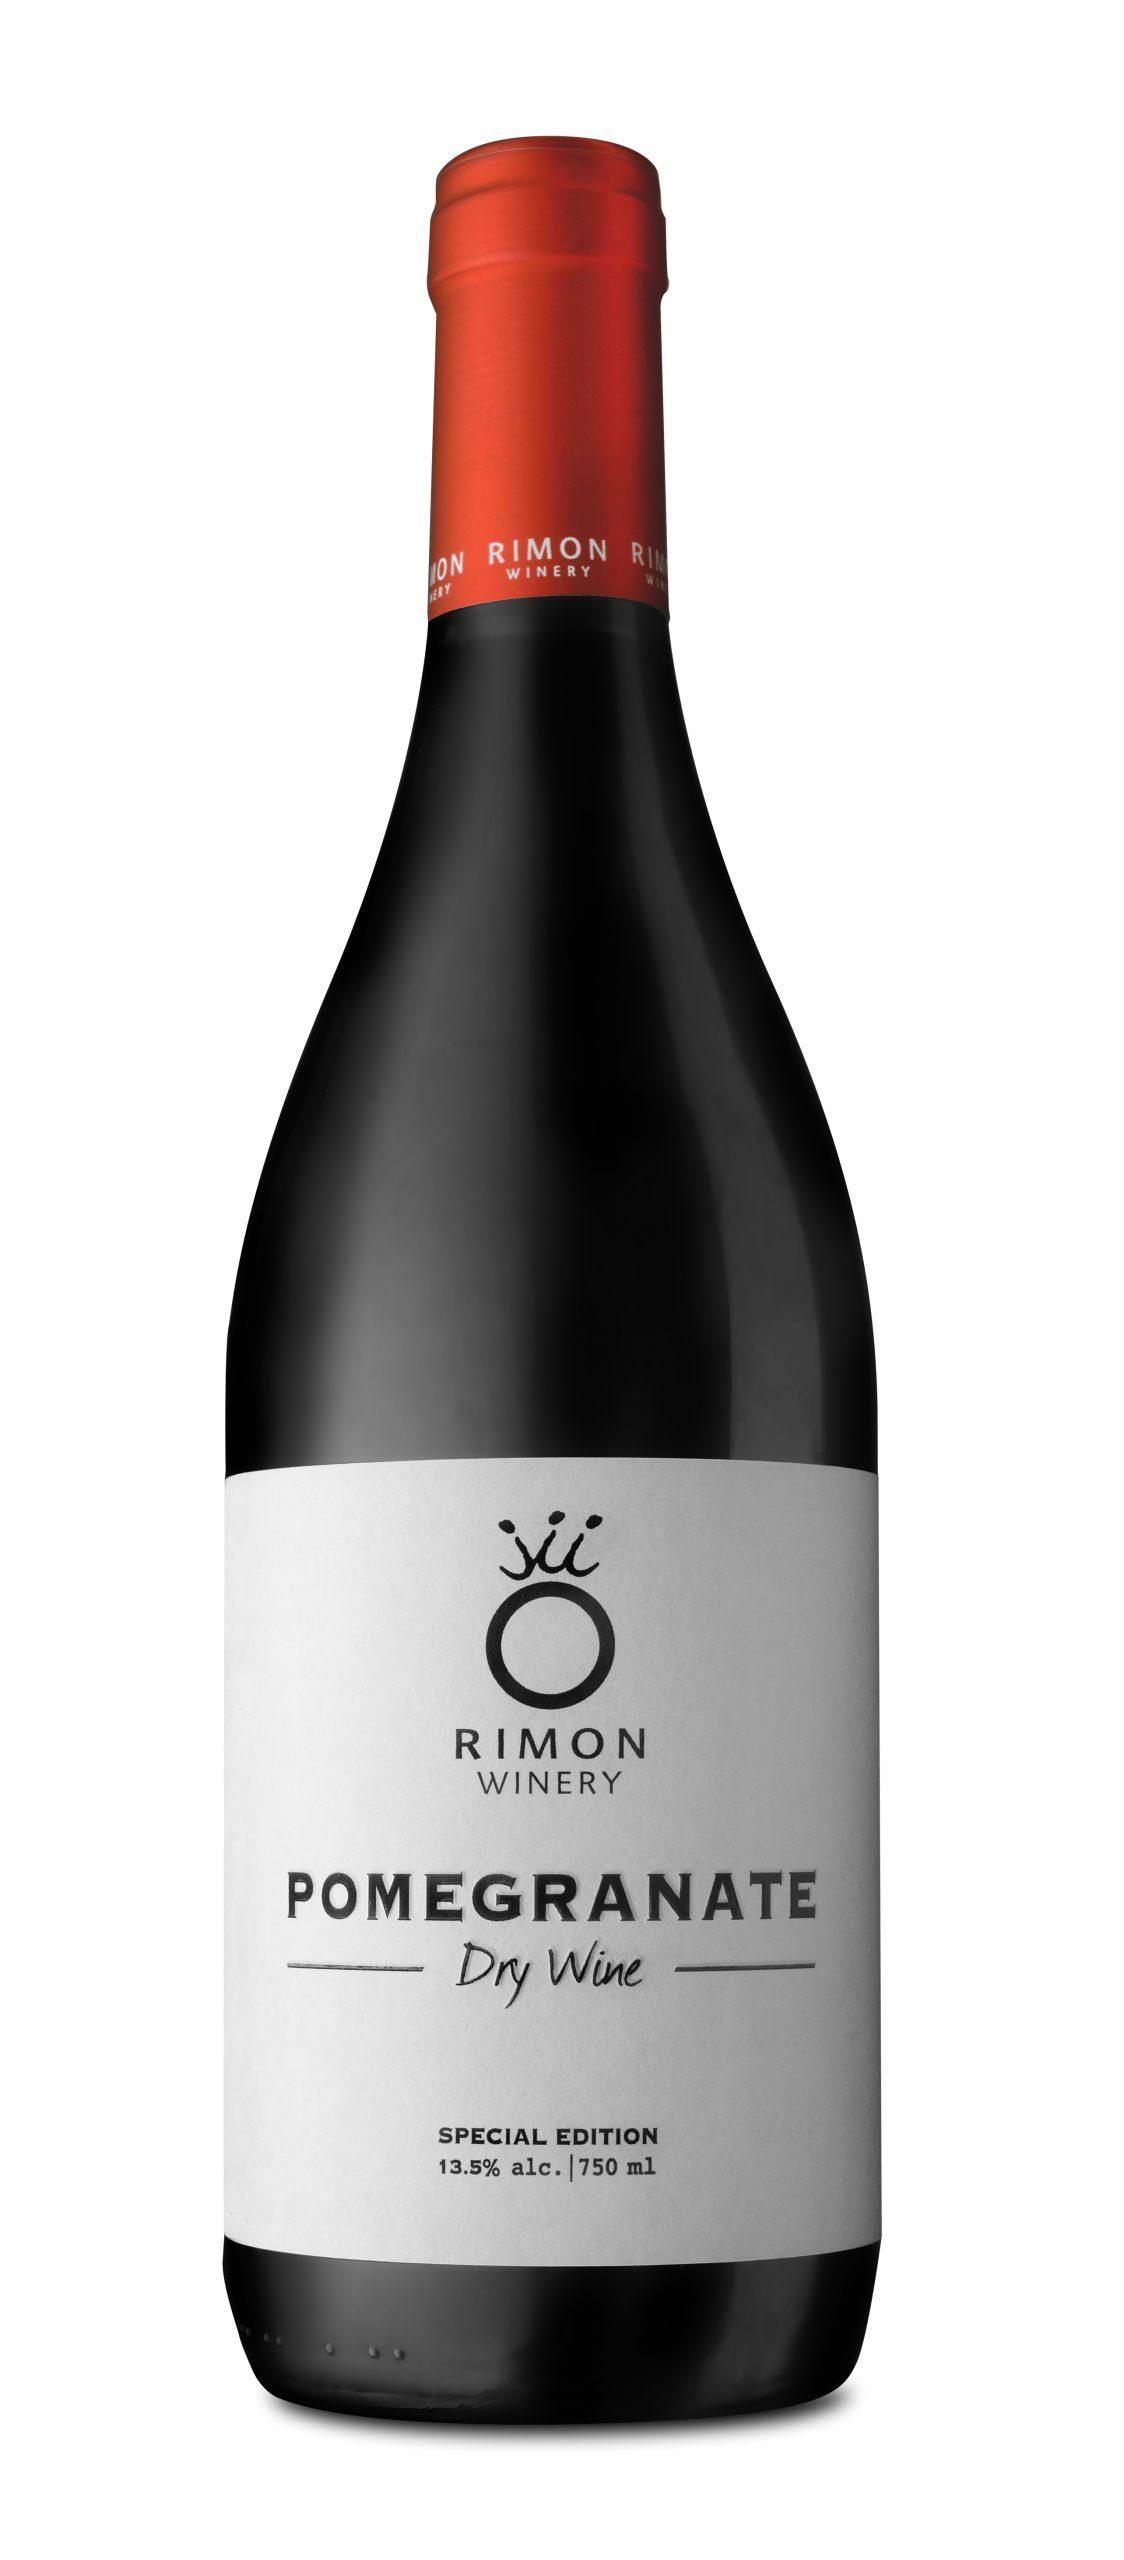 """יקב רימון """"יין יבש מהדורה מיוחדת"""